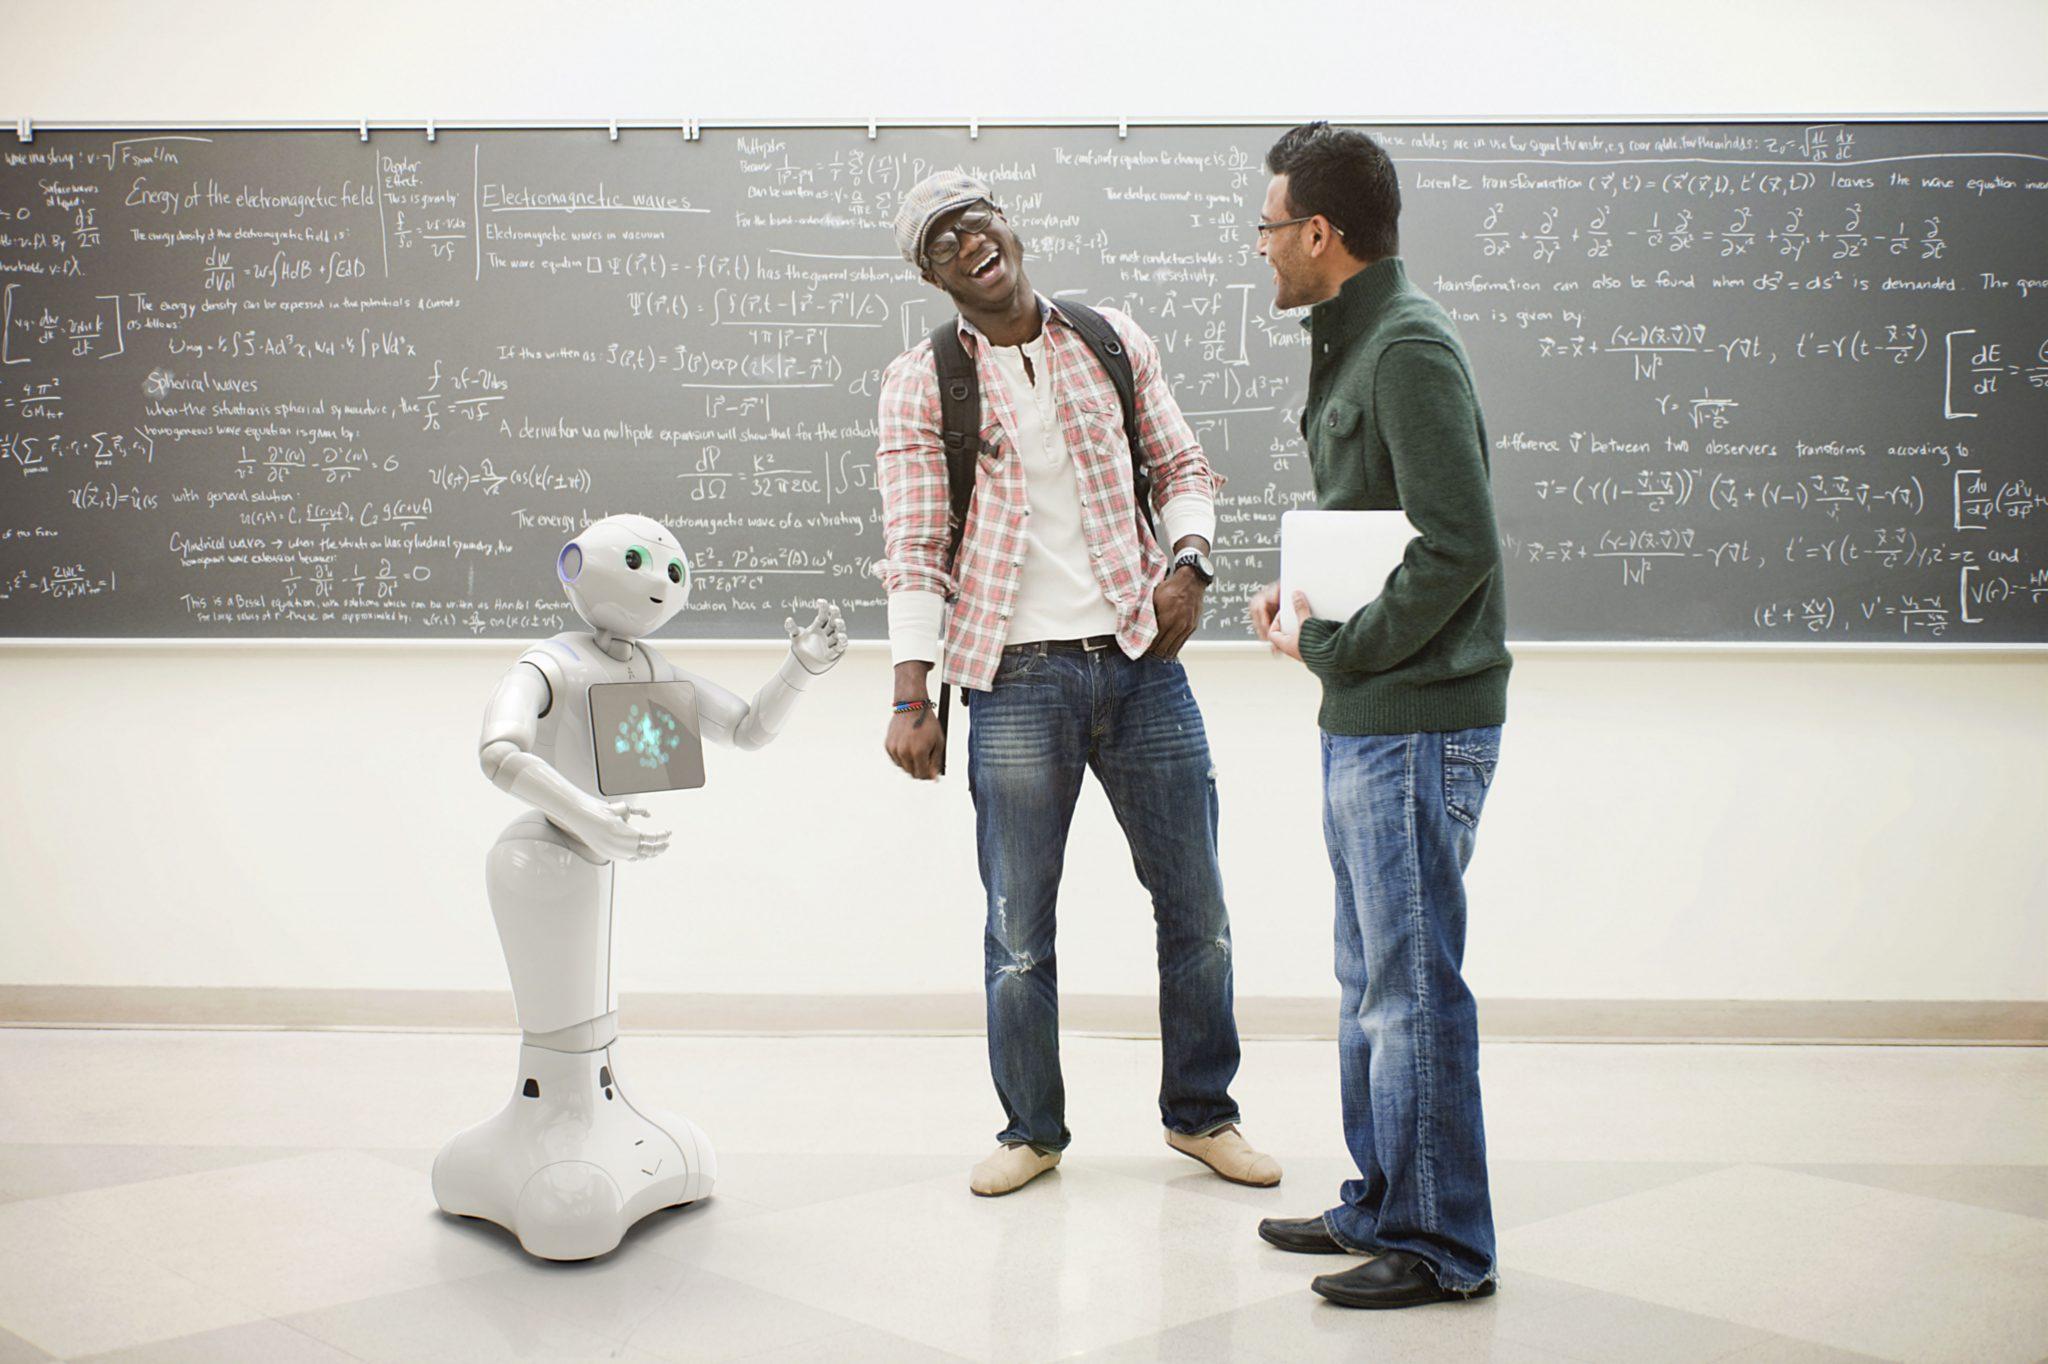 Der Roboter Pepper spricht mit zwei Männern.